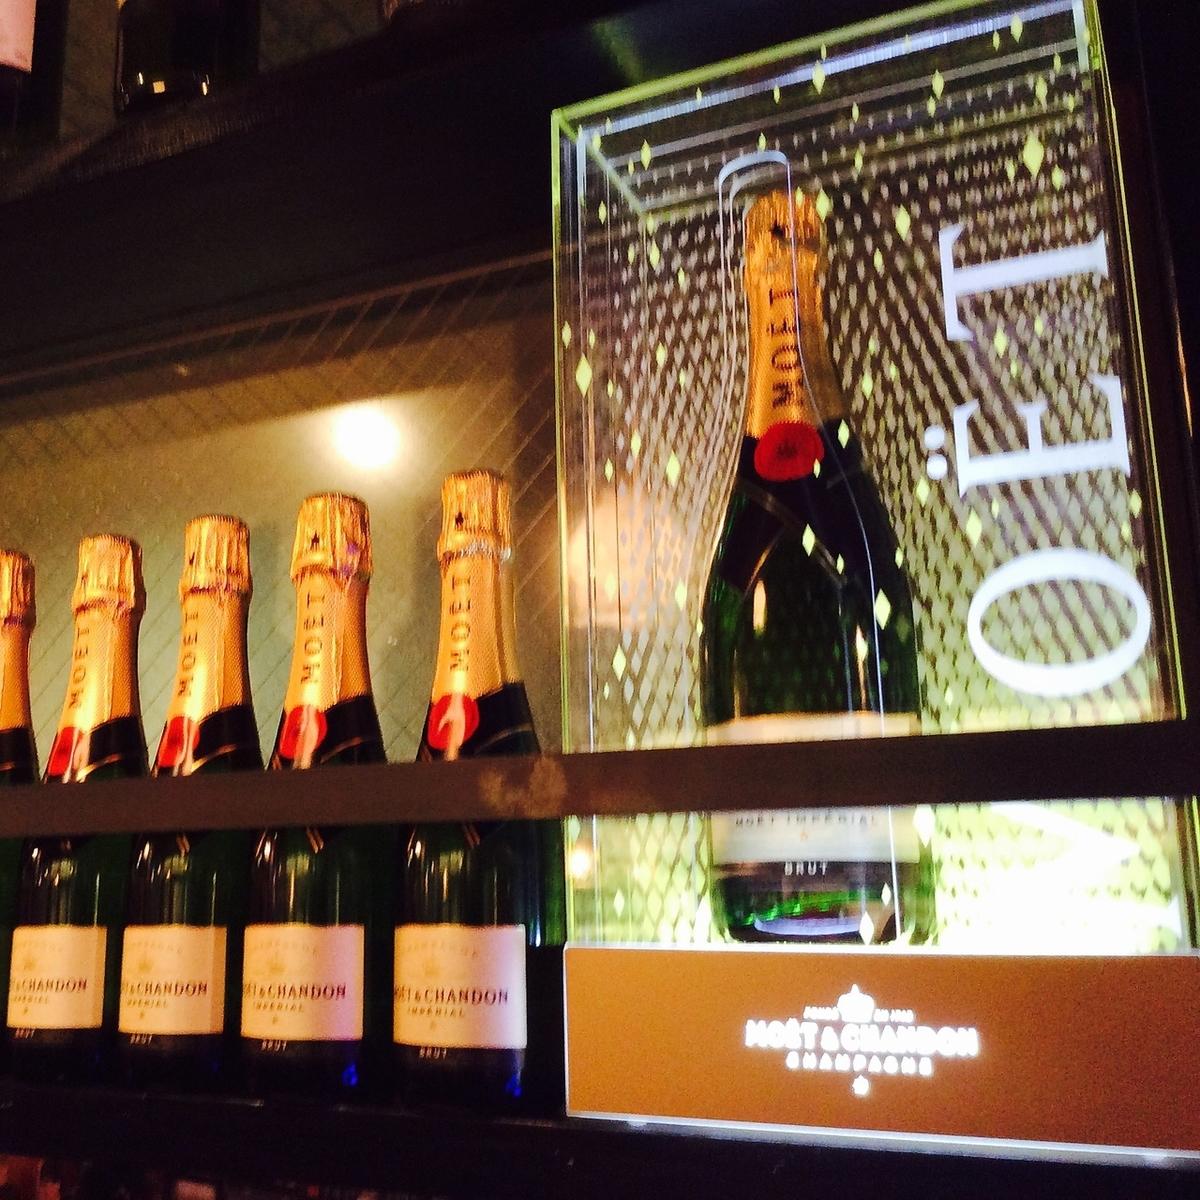 豪华香槟moeshan,限10人1杯500日元